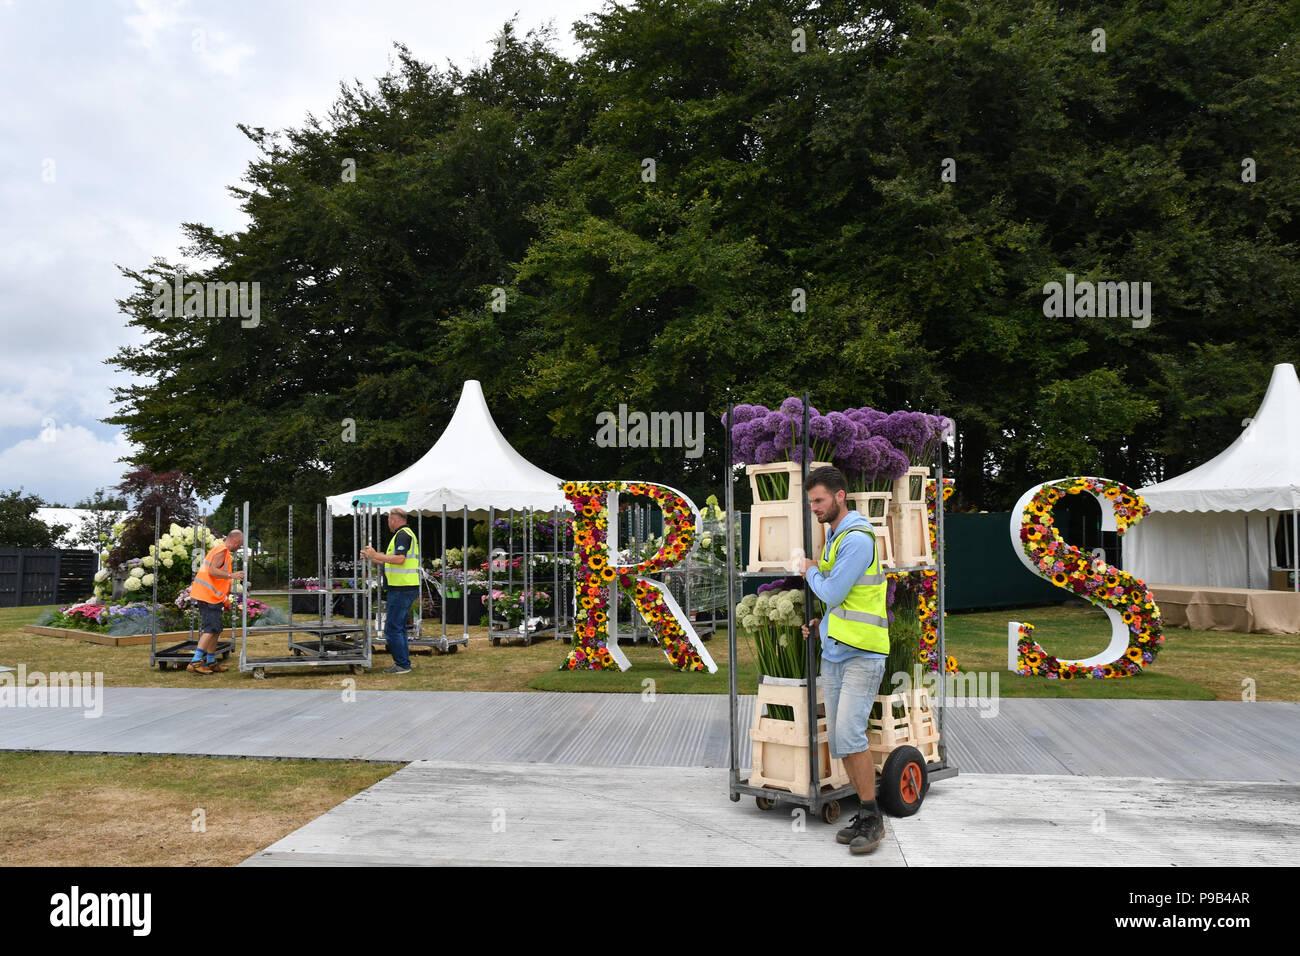 Tatton Park, Cheshire, Reino Unido. El 17 de julio de 2018. Expositores hacer los toques finales a sus exposiciones de crédito: Simon Maycock/Alamy Live News Foto de stock